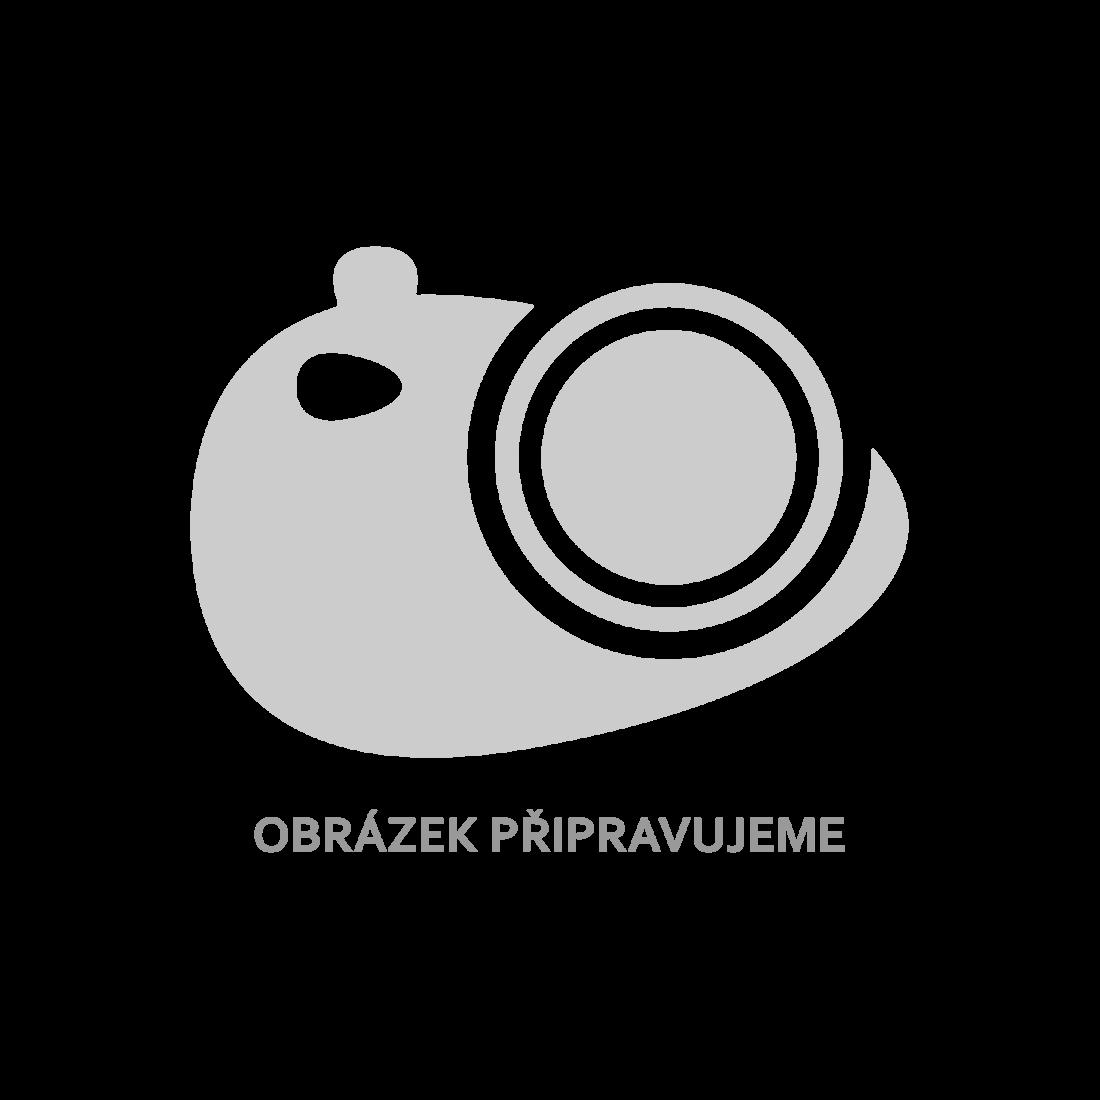 Truhlík 50 x 50 x 40 cm dřevo čtvercový